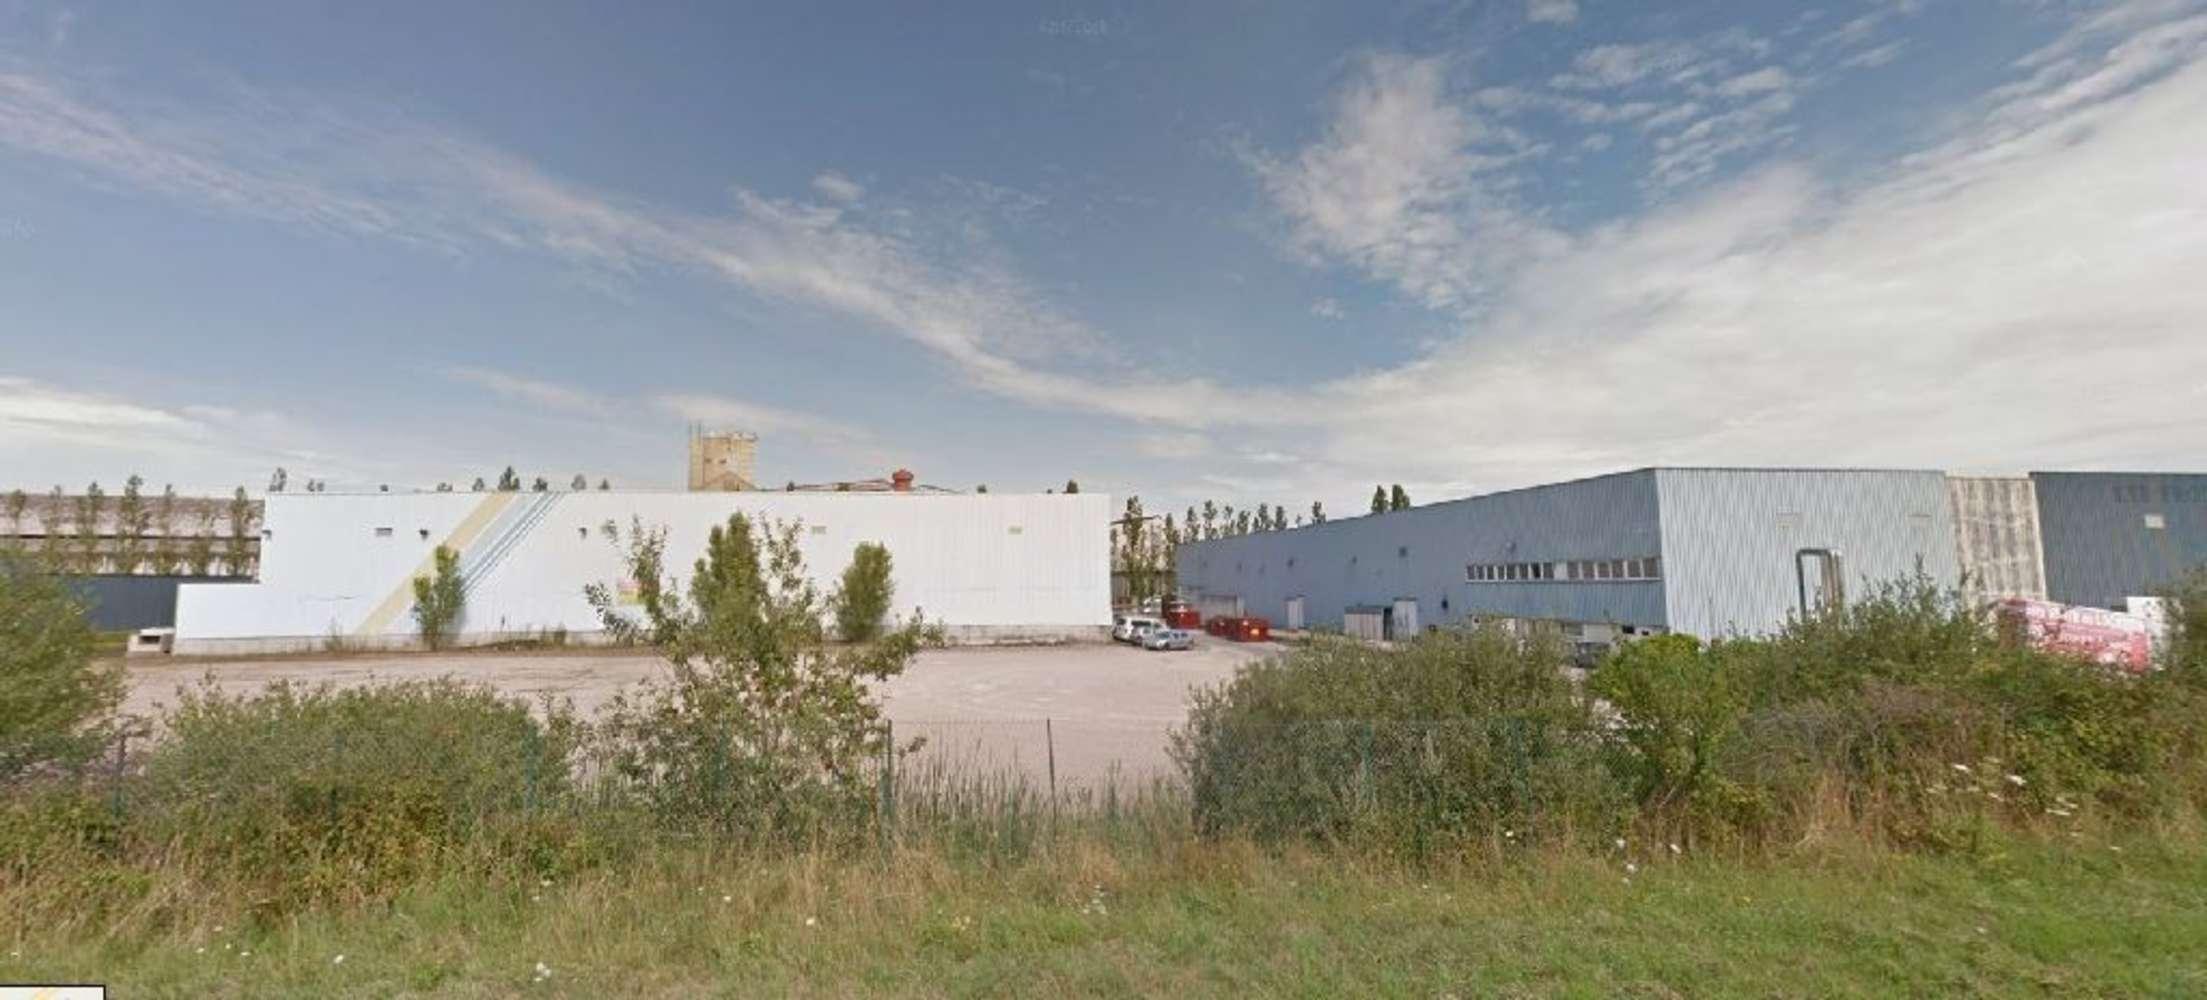 Activités/entrepôt Villars les dombes, 01330 - Location entrepot frigorifique Lyon Nord - 9470571